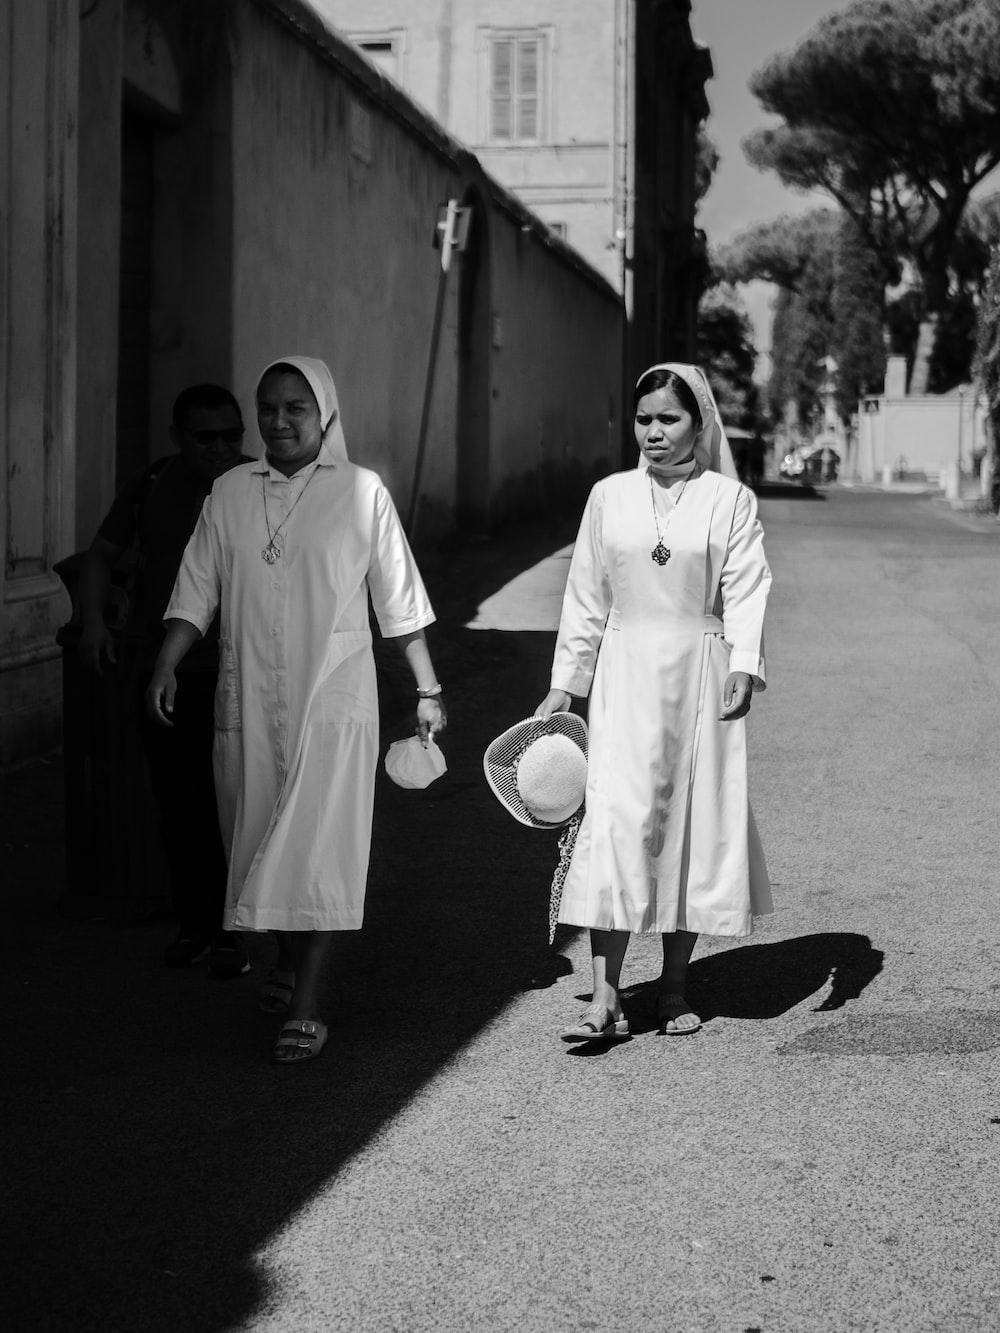 two nun walking beside house